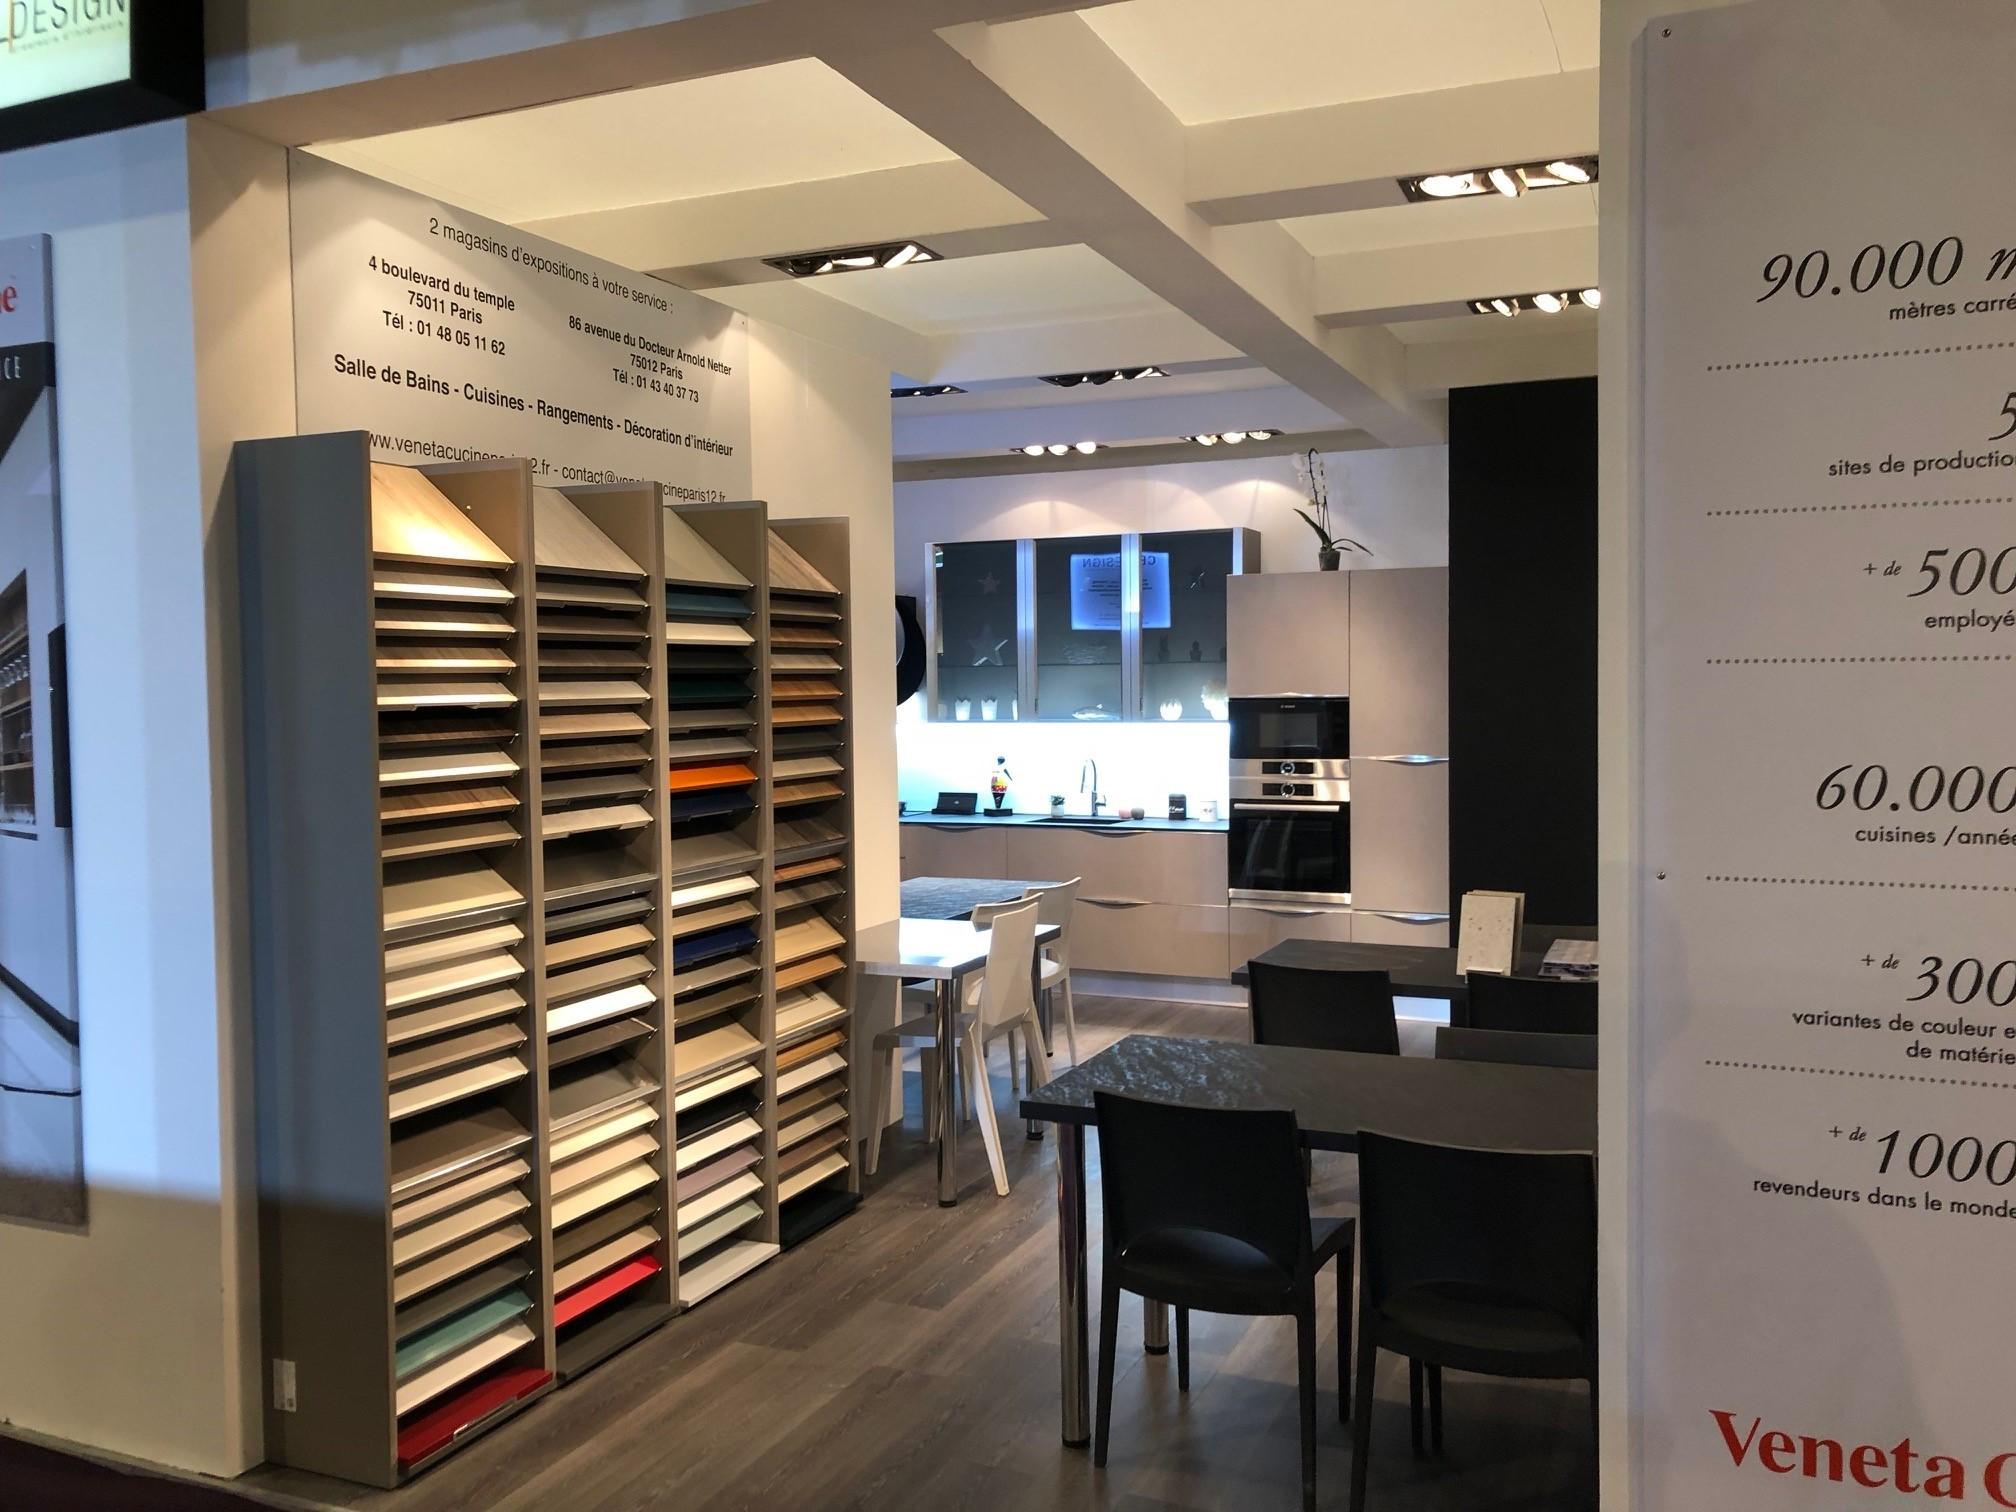 foire de paris hors s rie maison 2018 veneta cucine france. Black Bedroom Furniture Sets. Home Design Ideas